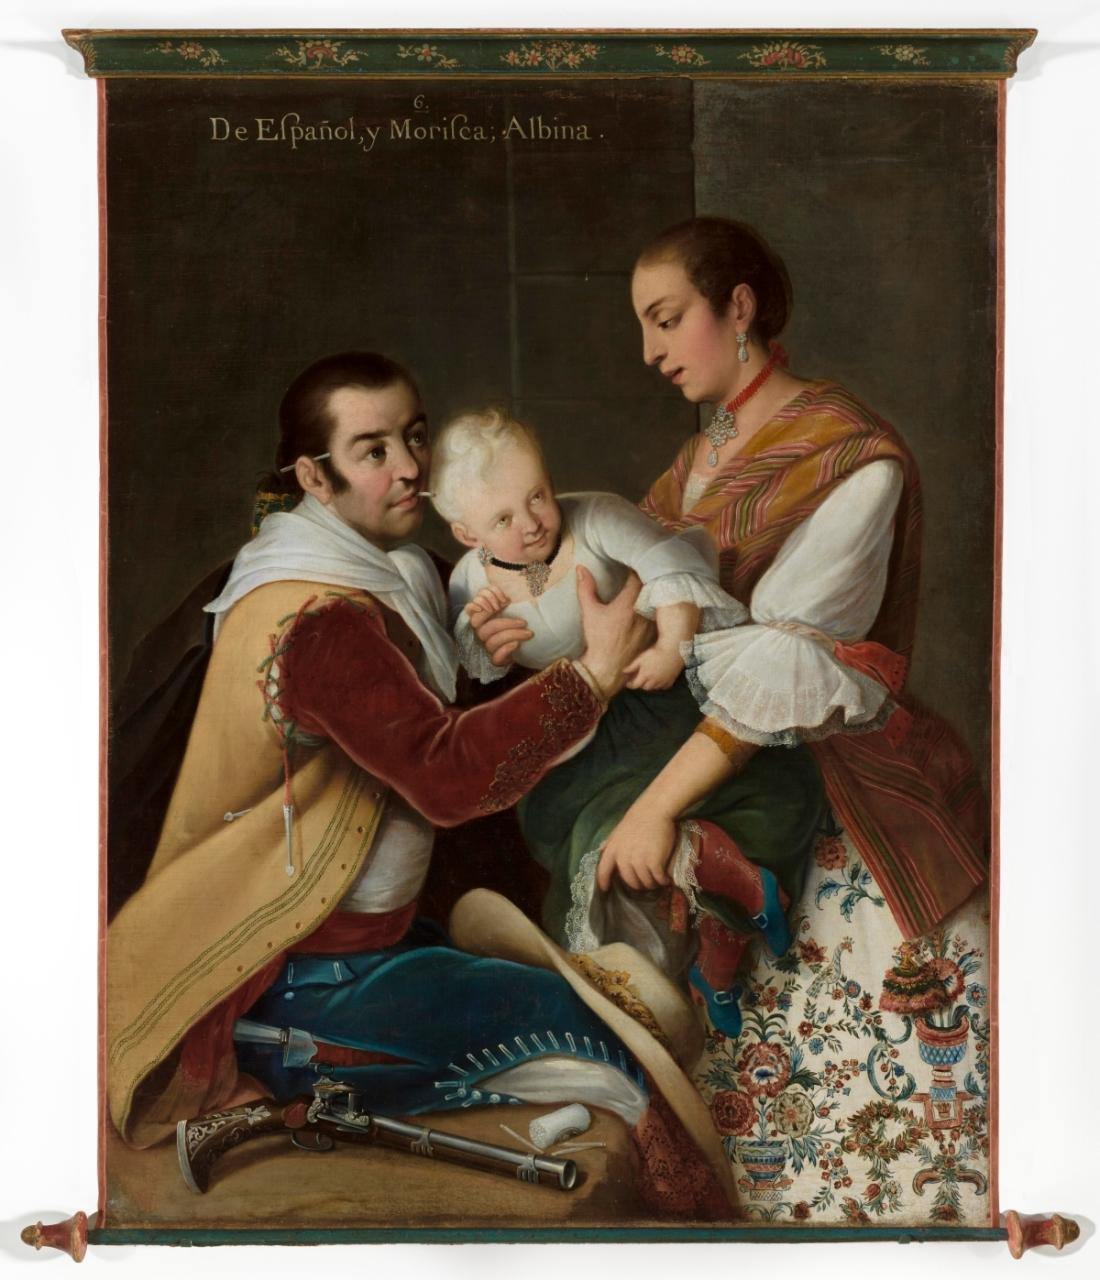 Miguel Cabrera, 6. From Spaniard and Morisca, Albino Girl (6. De español y morisca, albina), 1763.